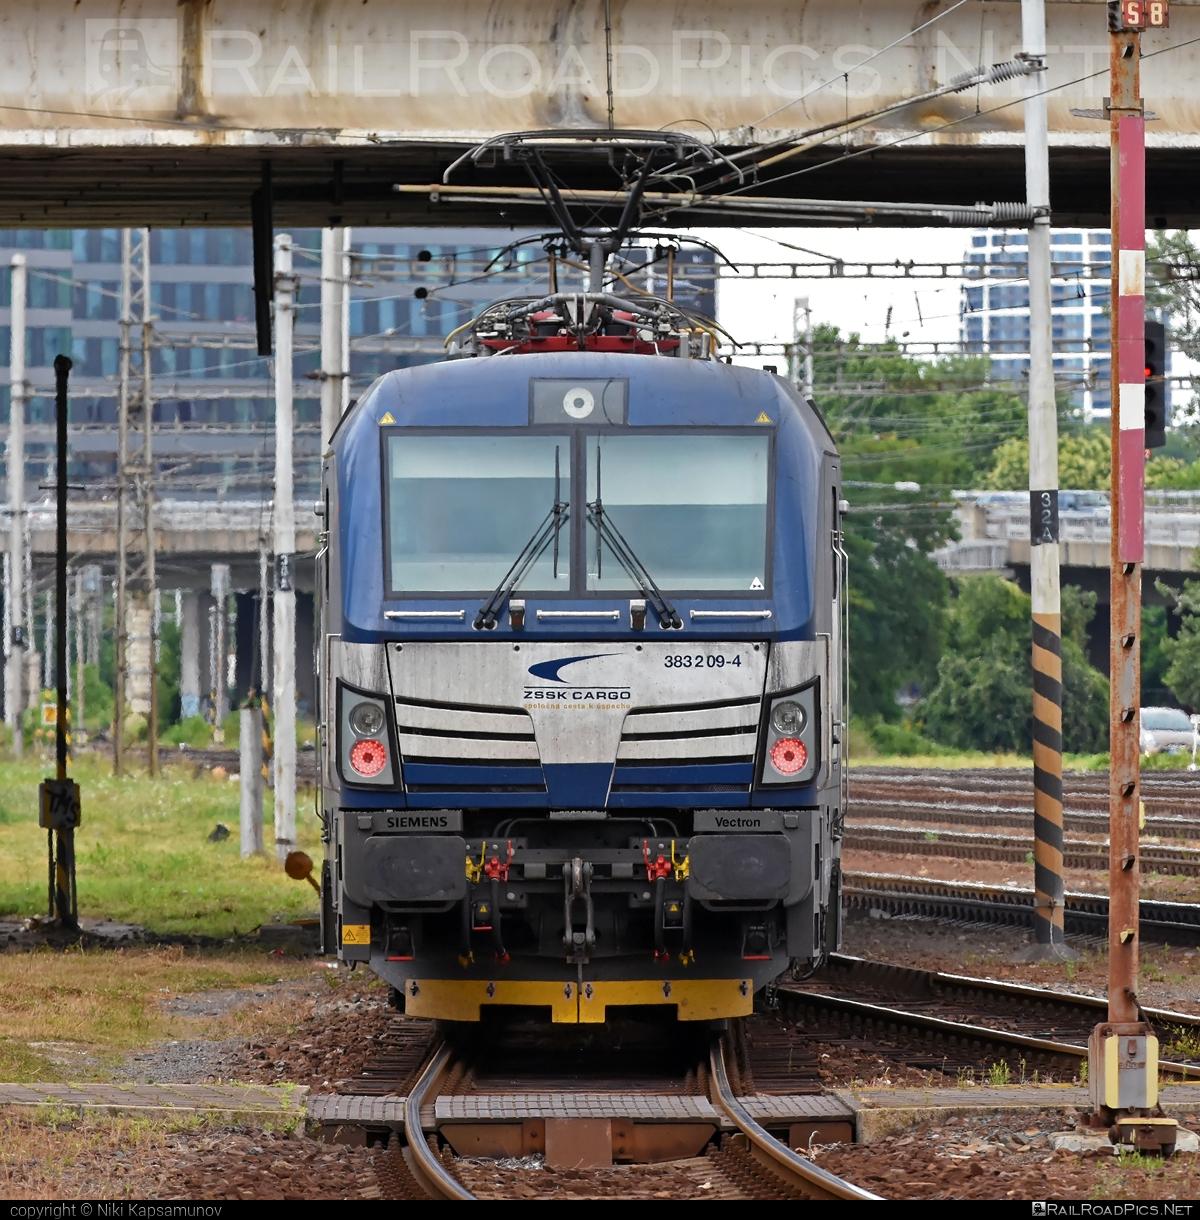 Siemens Vectron MS - 383 209-4 operated by Železničná Spoločnost' Cargo Slovakia a.s. #SRailLease #SRailLeaseSro #ZeleznicnaSpolocnostCargoSlovakia #raill #siemens #siemensvectron #siemensvectronms #vectron #vectronms #zsskcargo